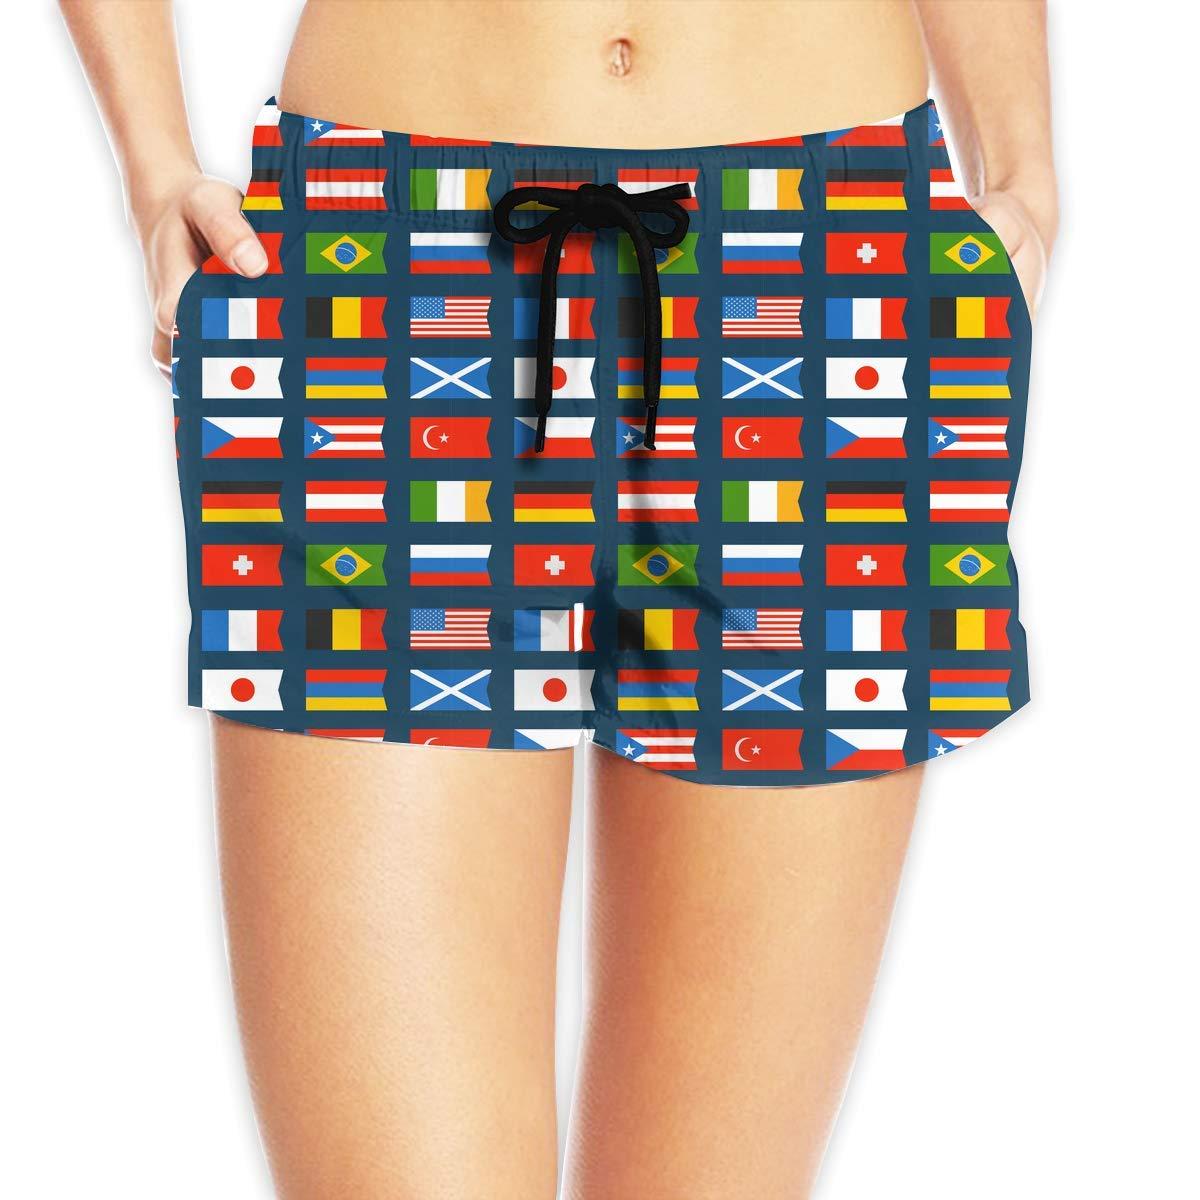 Hlcenng Flags Pattern Womens Boardshorts Fashion Beachwear